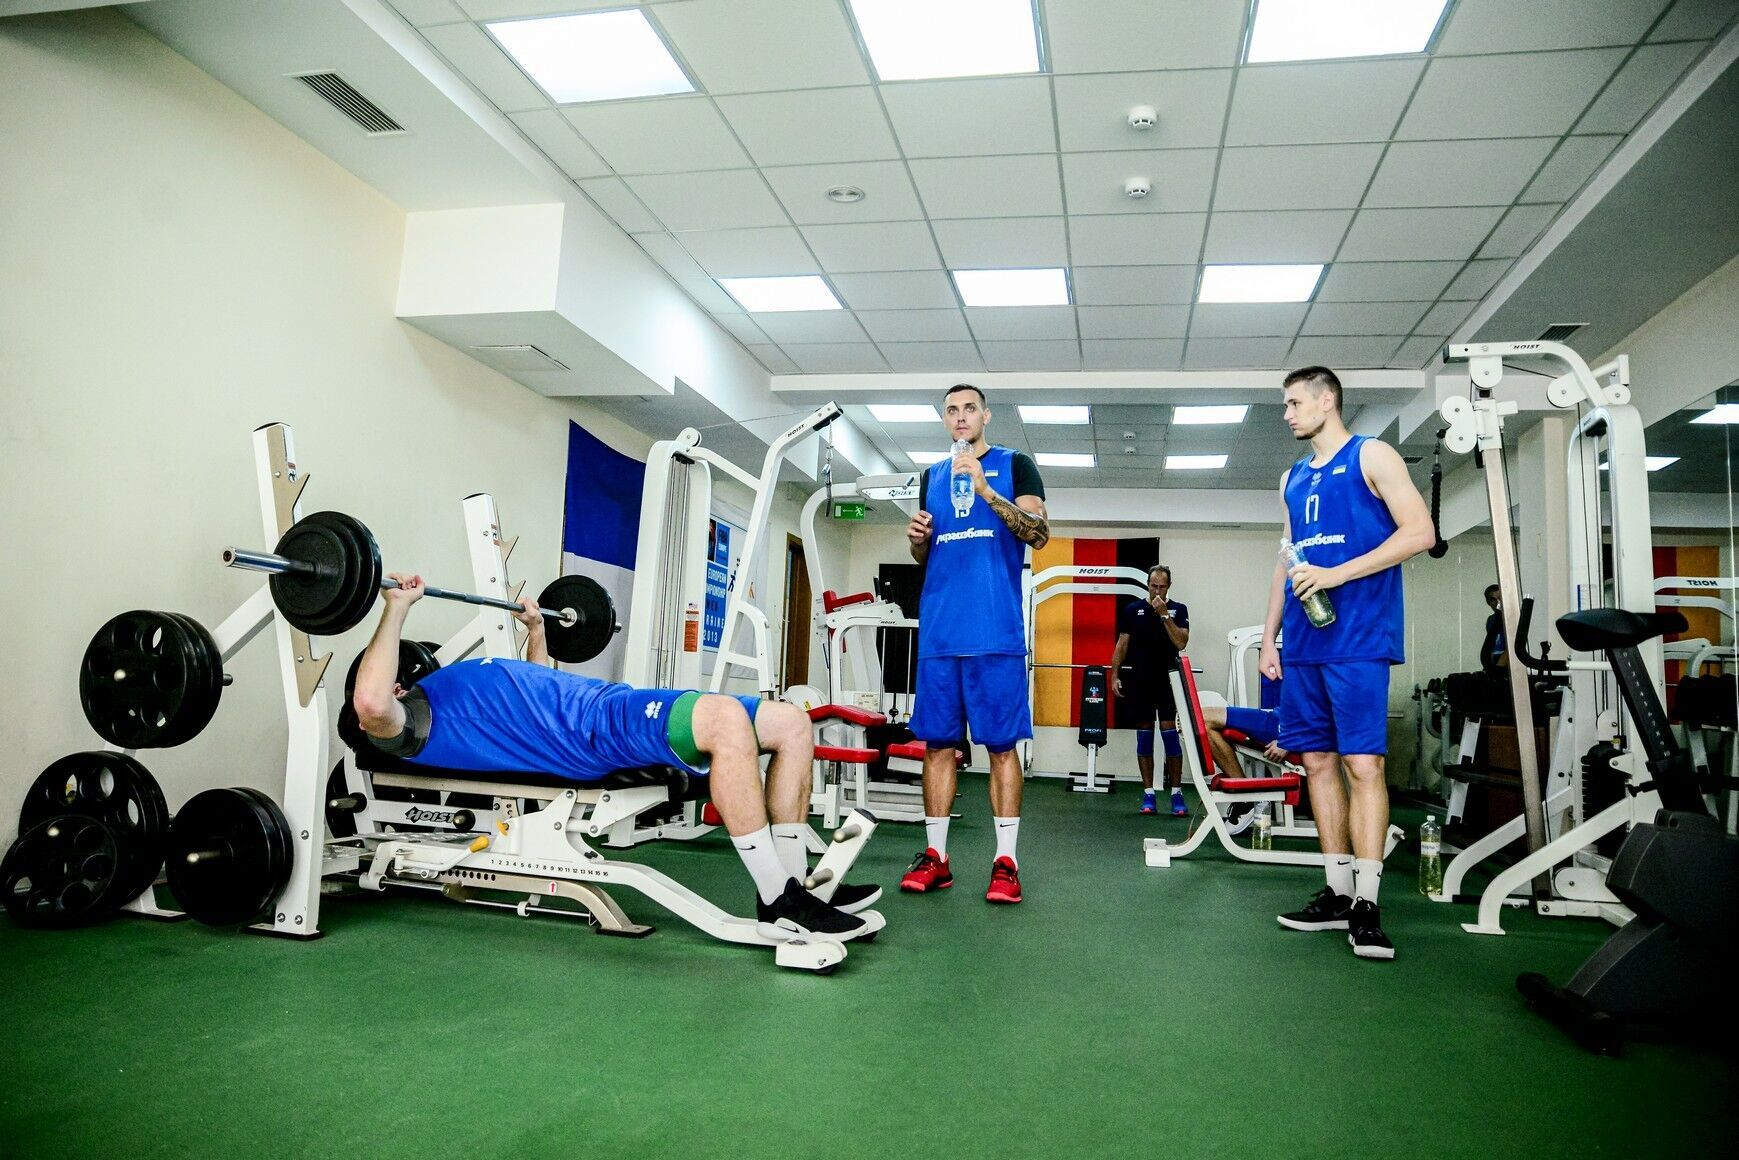 Мужская сборная Украины по баскетболу провела открытую тренировку в киевском Дворце спорта